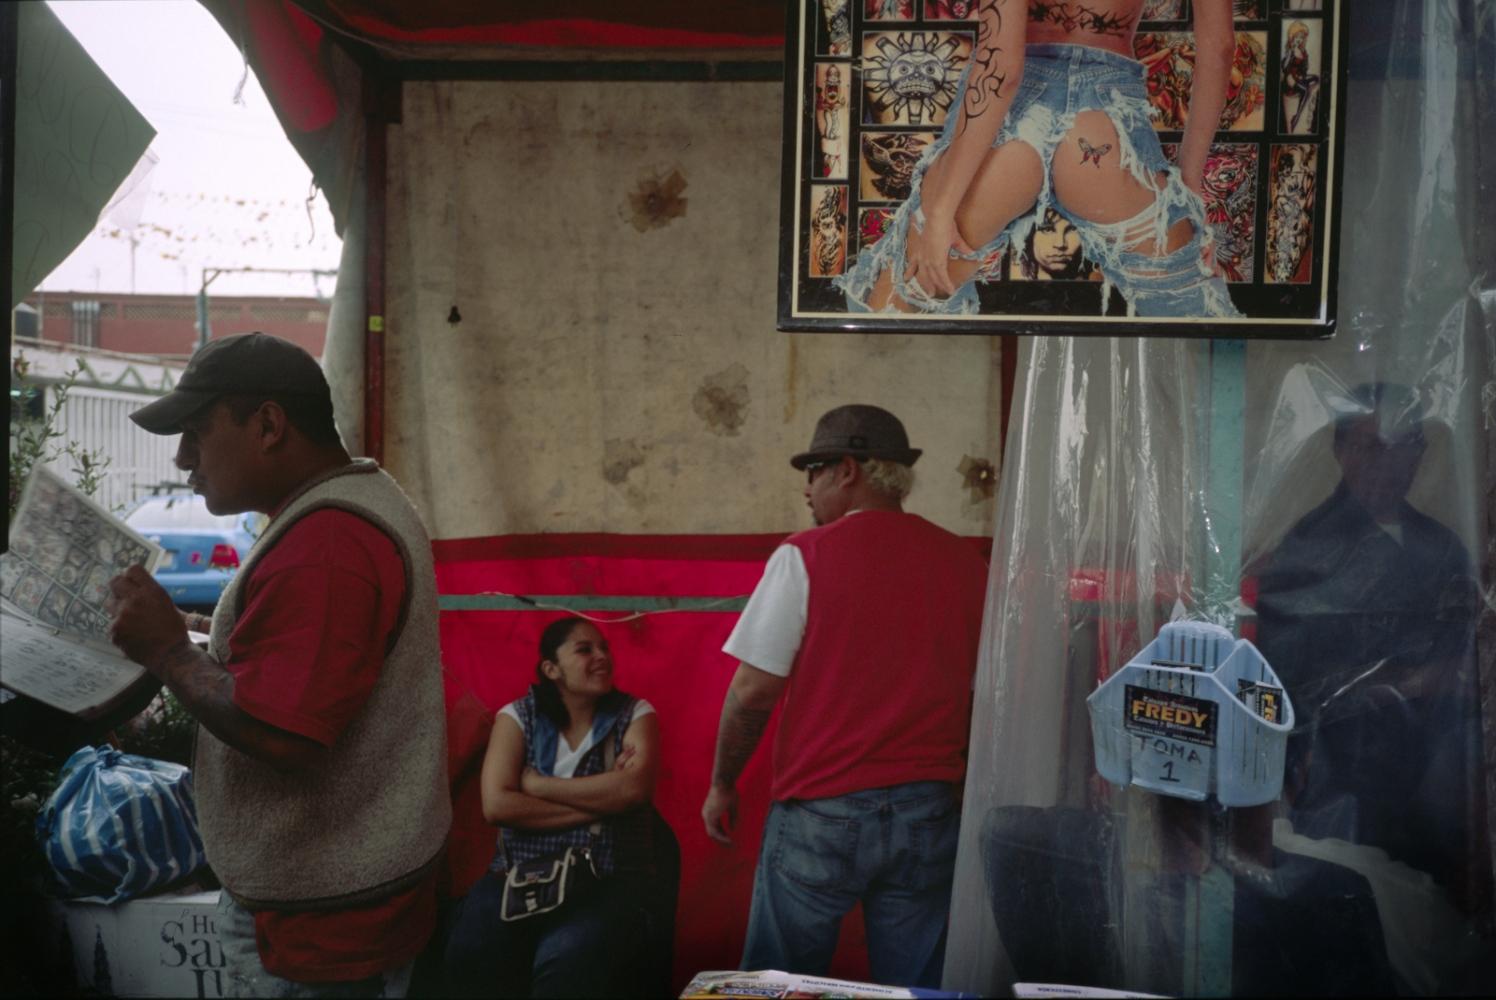 Art and Documentary Photography - Loading Mercado_Azcapozalco__sdeswaan.jpg